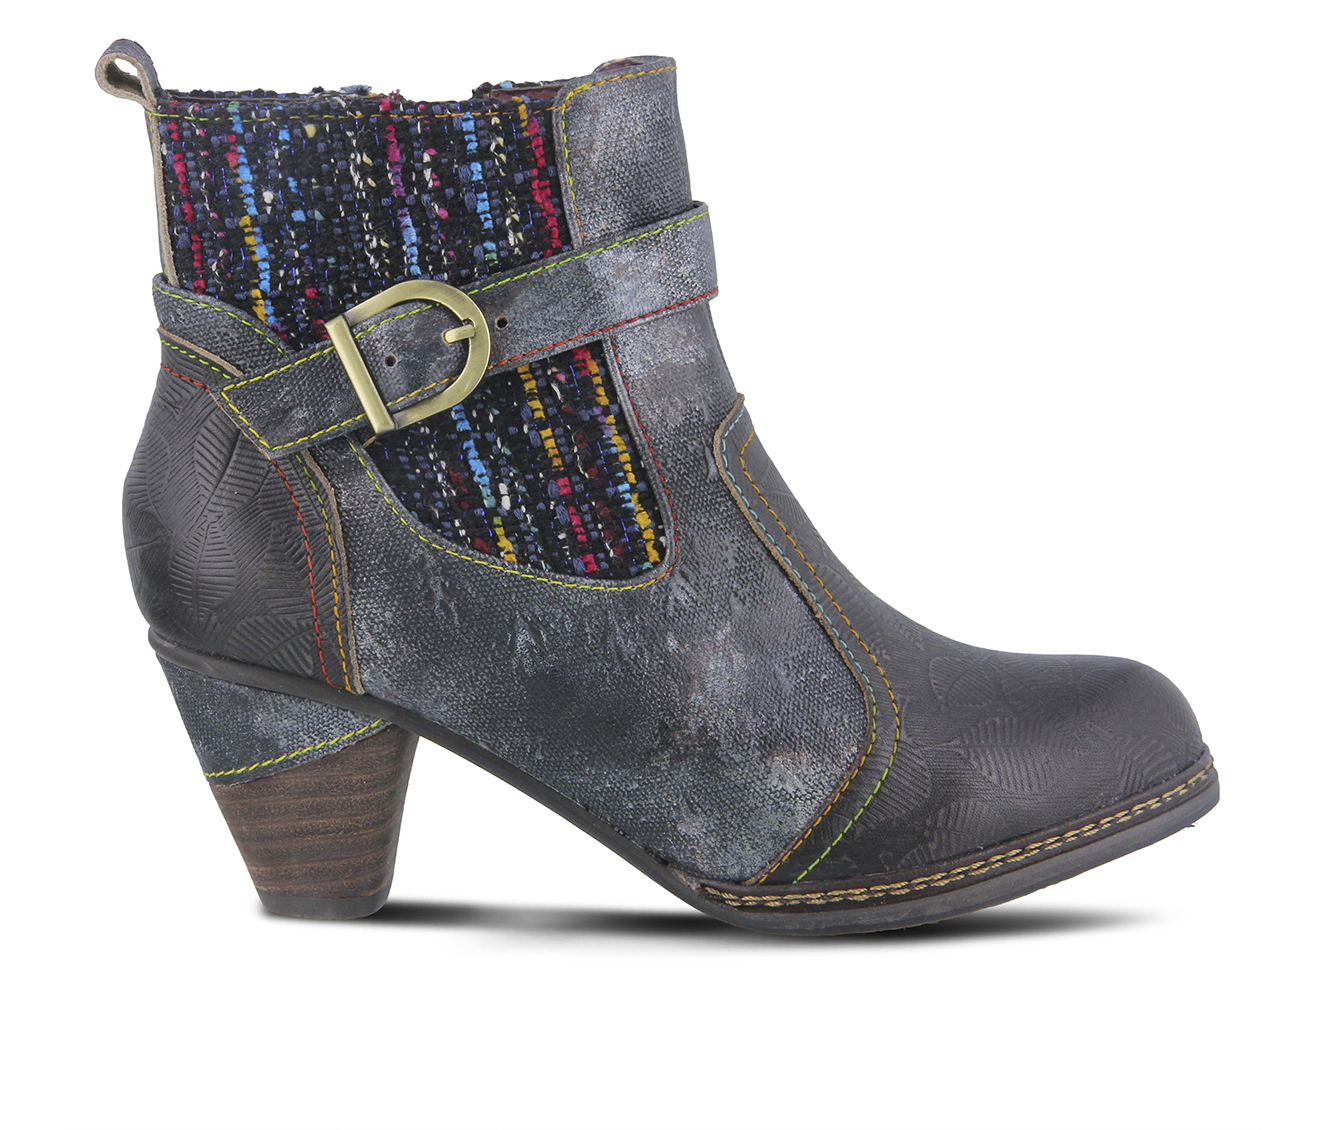 L'Artiste Nancies Women's Boots (Black Leather)